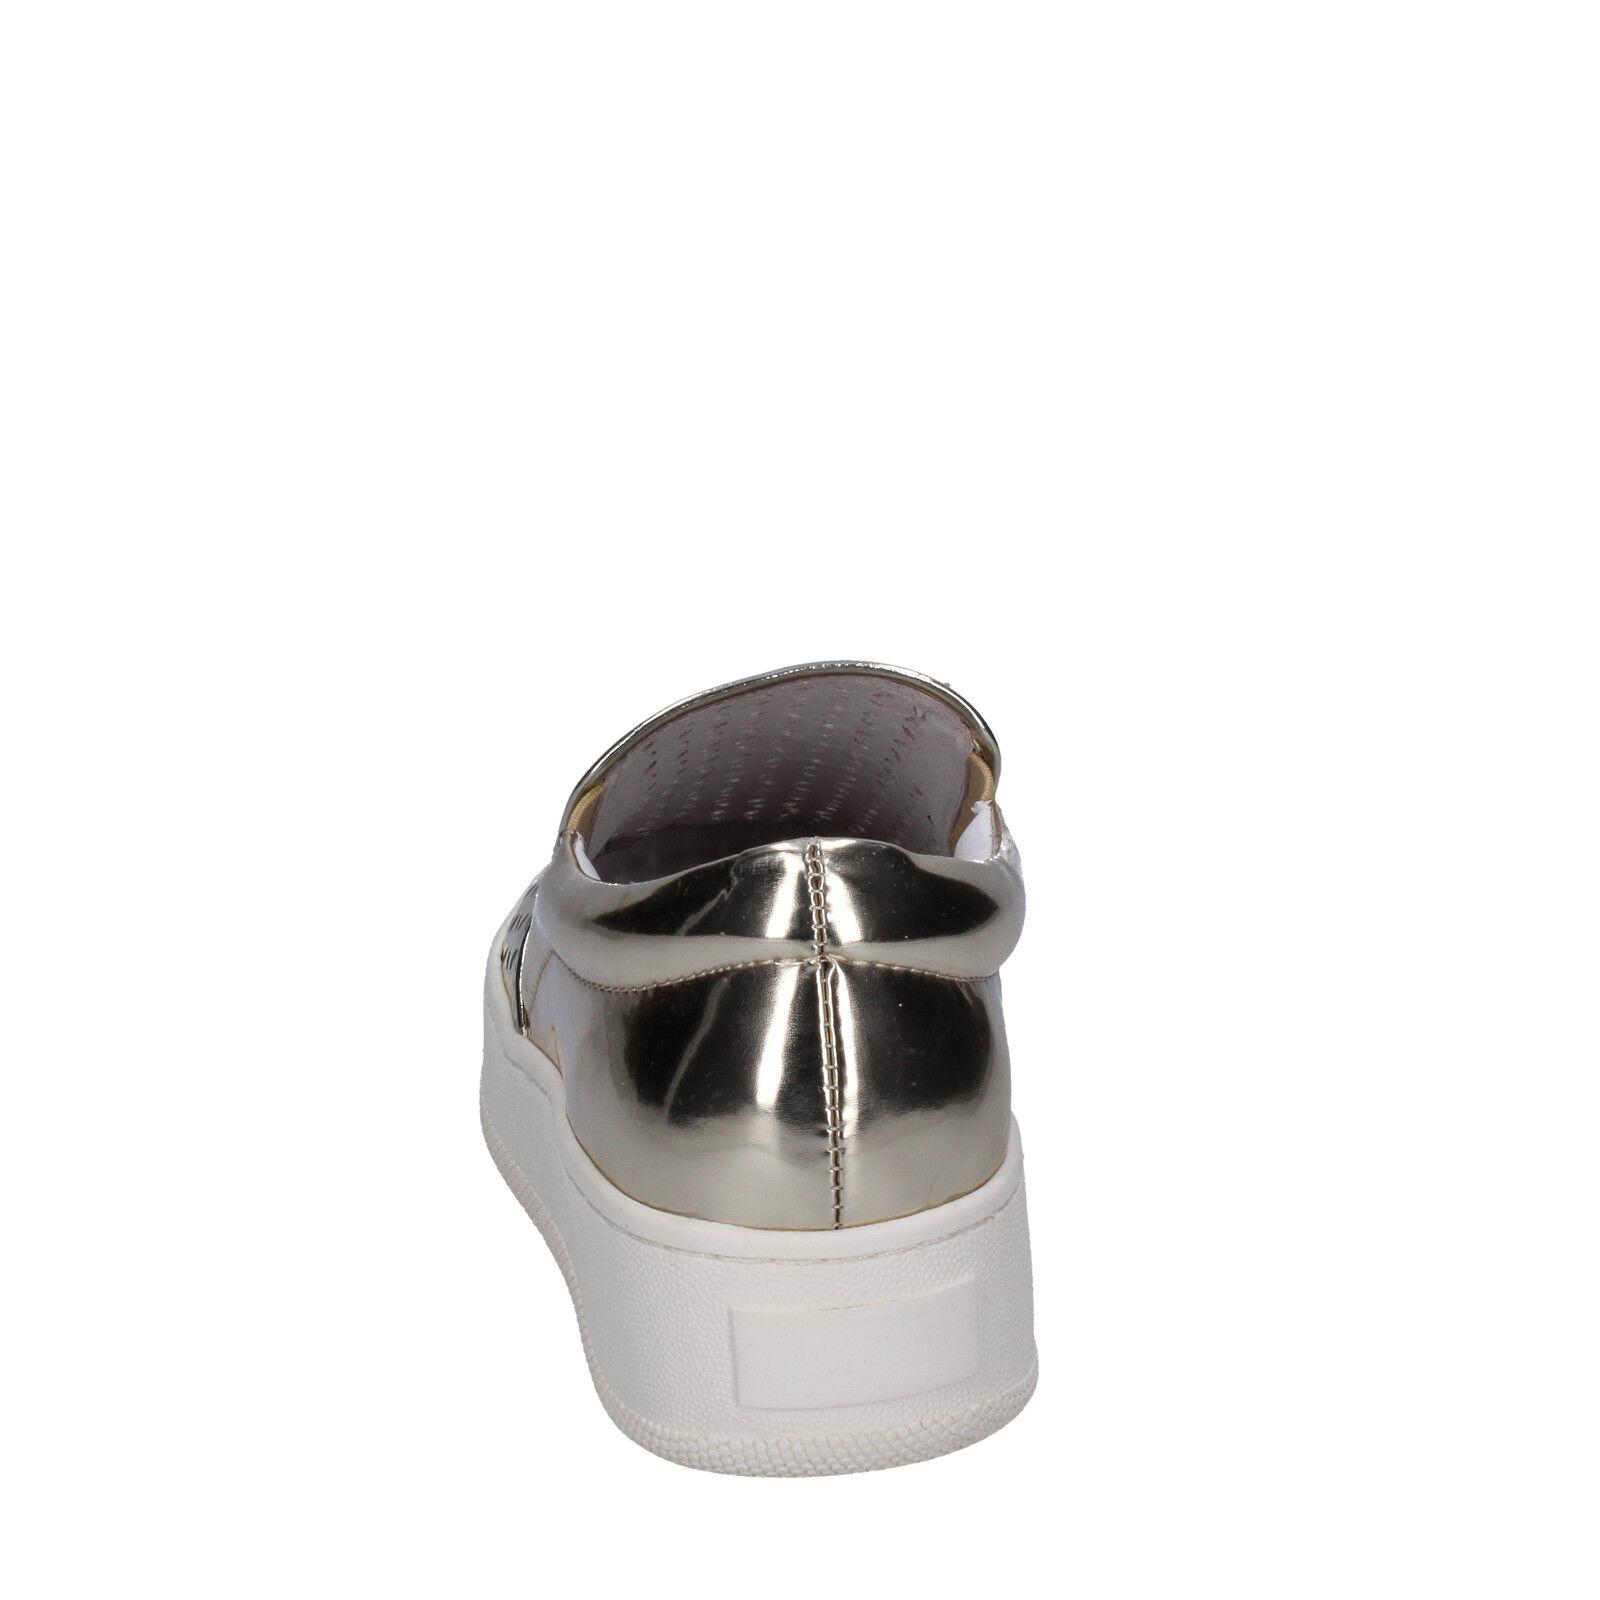 Womens shoes UMA UMA UMA PARKER 3 (EU 36) slip on gold leather BT565-36 bf94cc